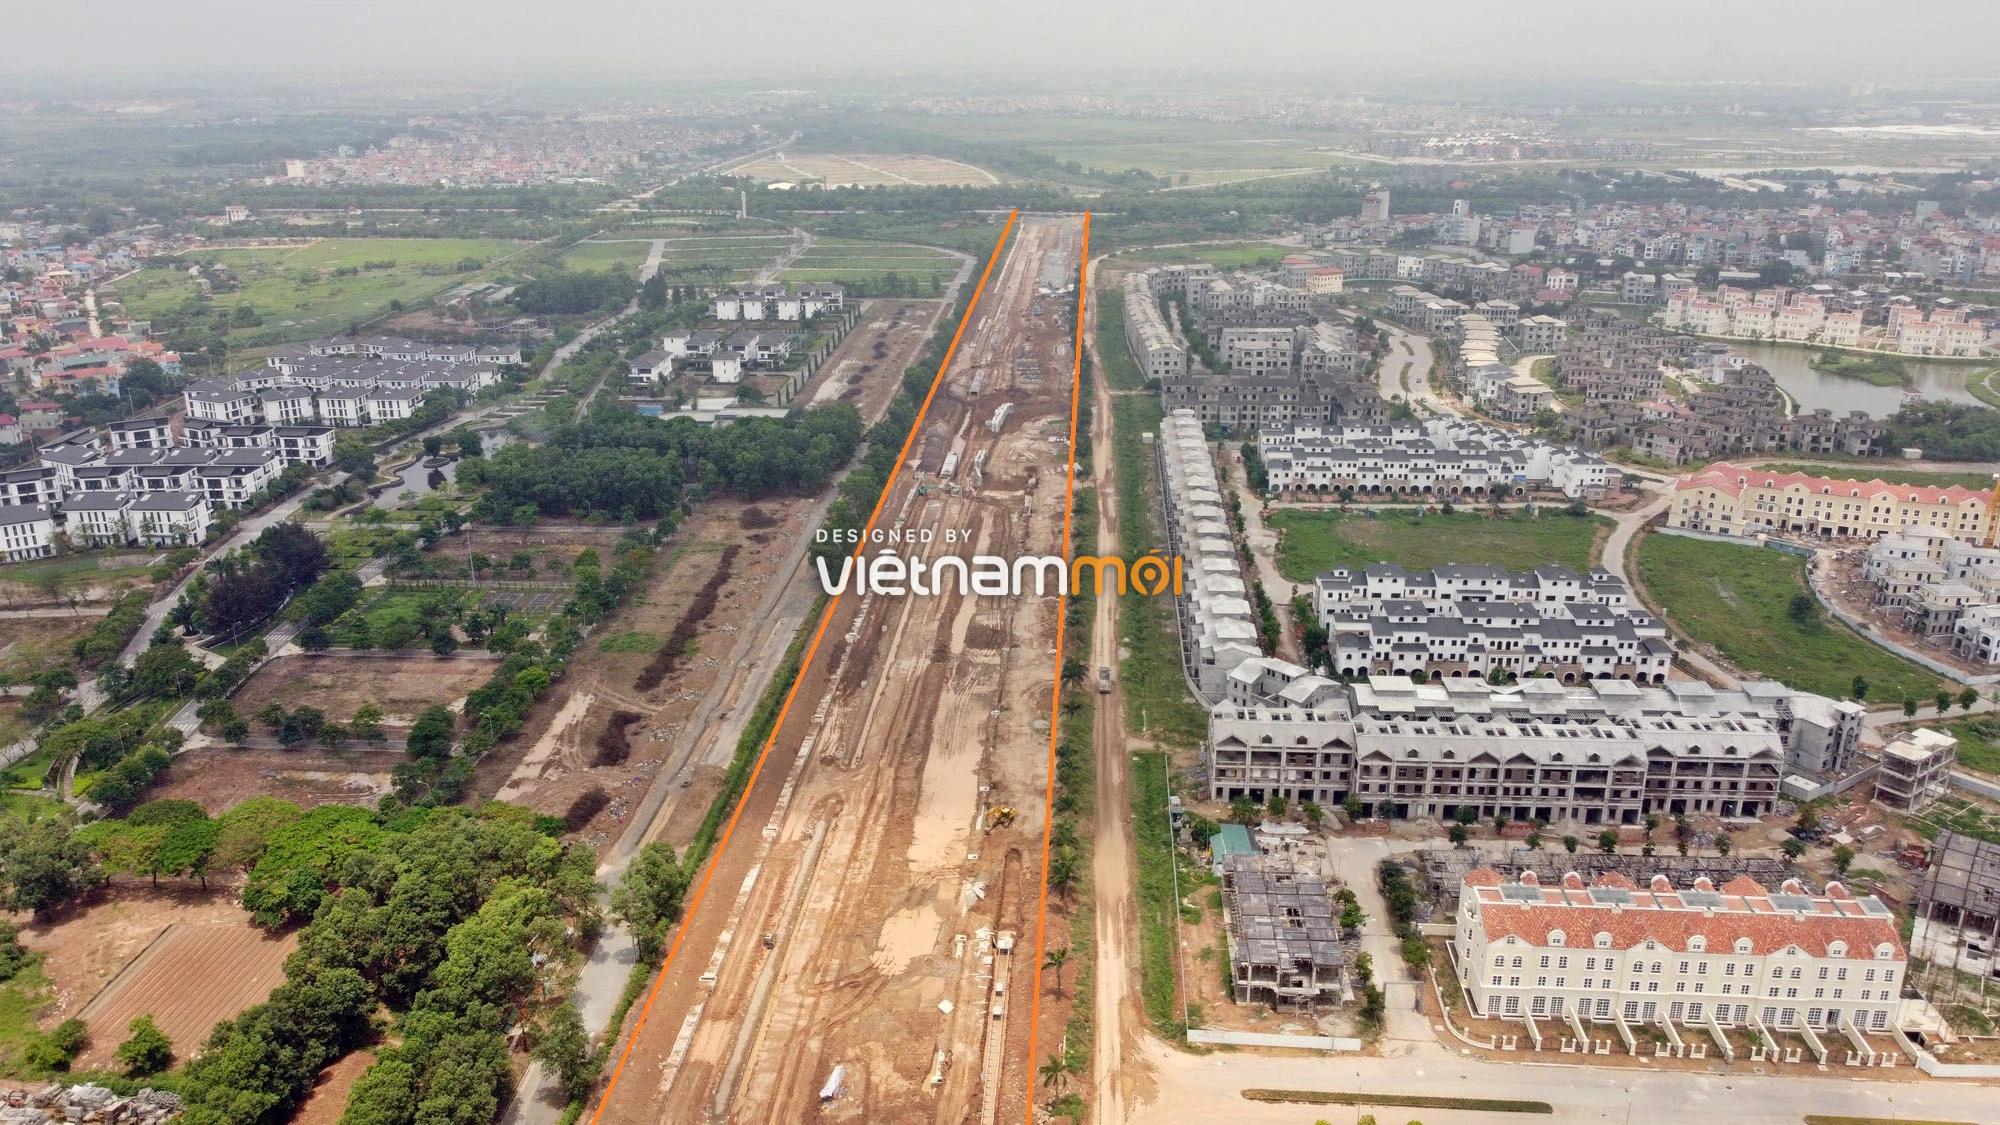 Toàn cảnh đường nối Đại lộ Thăng Long - tỉnh lộ 423 qua KĐT Nam An Khánh đang mở theo quy hoạch ở Hà Nội - Ảnh 20.